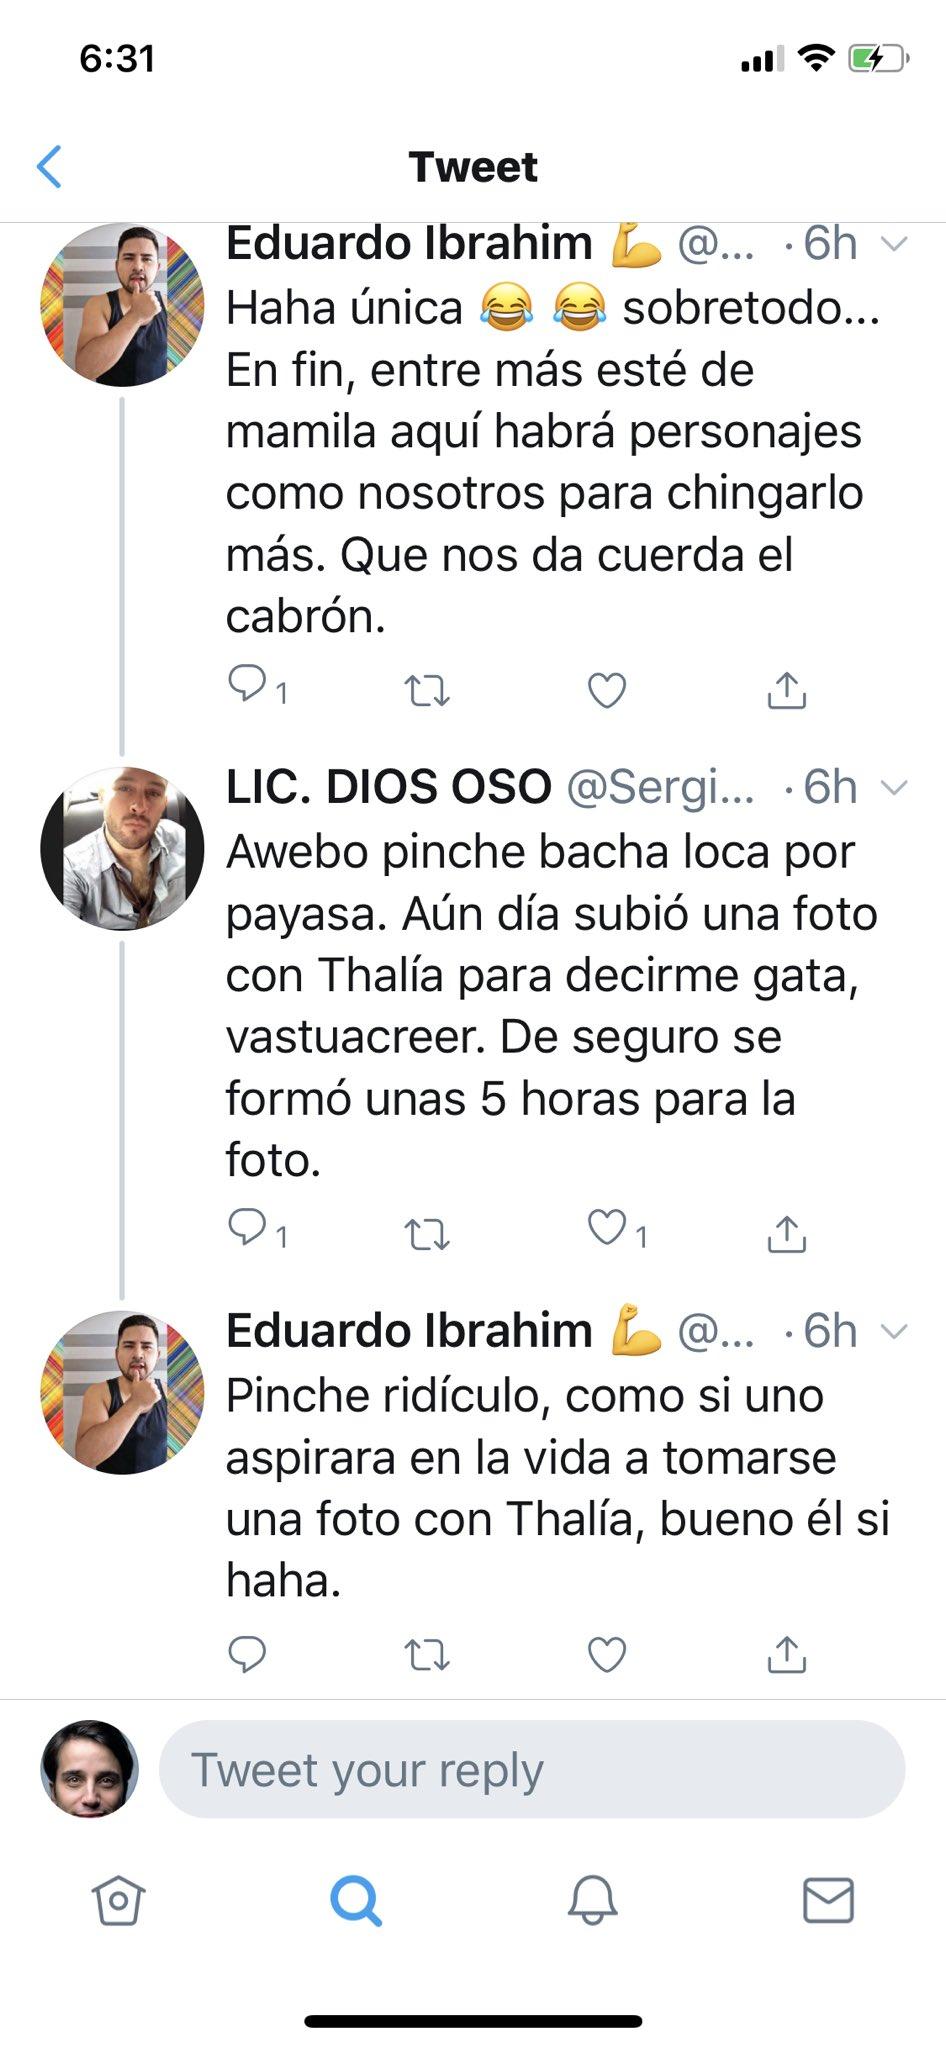 Mauricio Martinez On Twitter Sabra Dios Quienes Sean Pero Que Bueno Tenerlos Lejos Por Aquello De Las Vibras ¡hasta a un guapo le puede pasar!: twitter